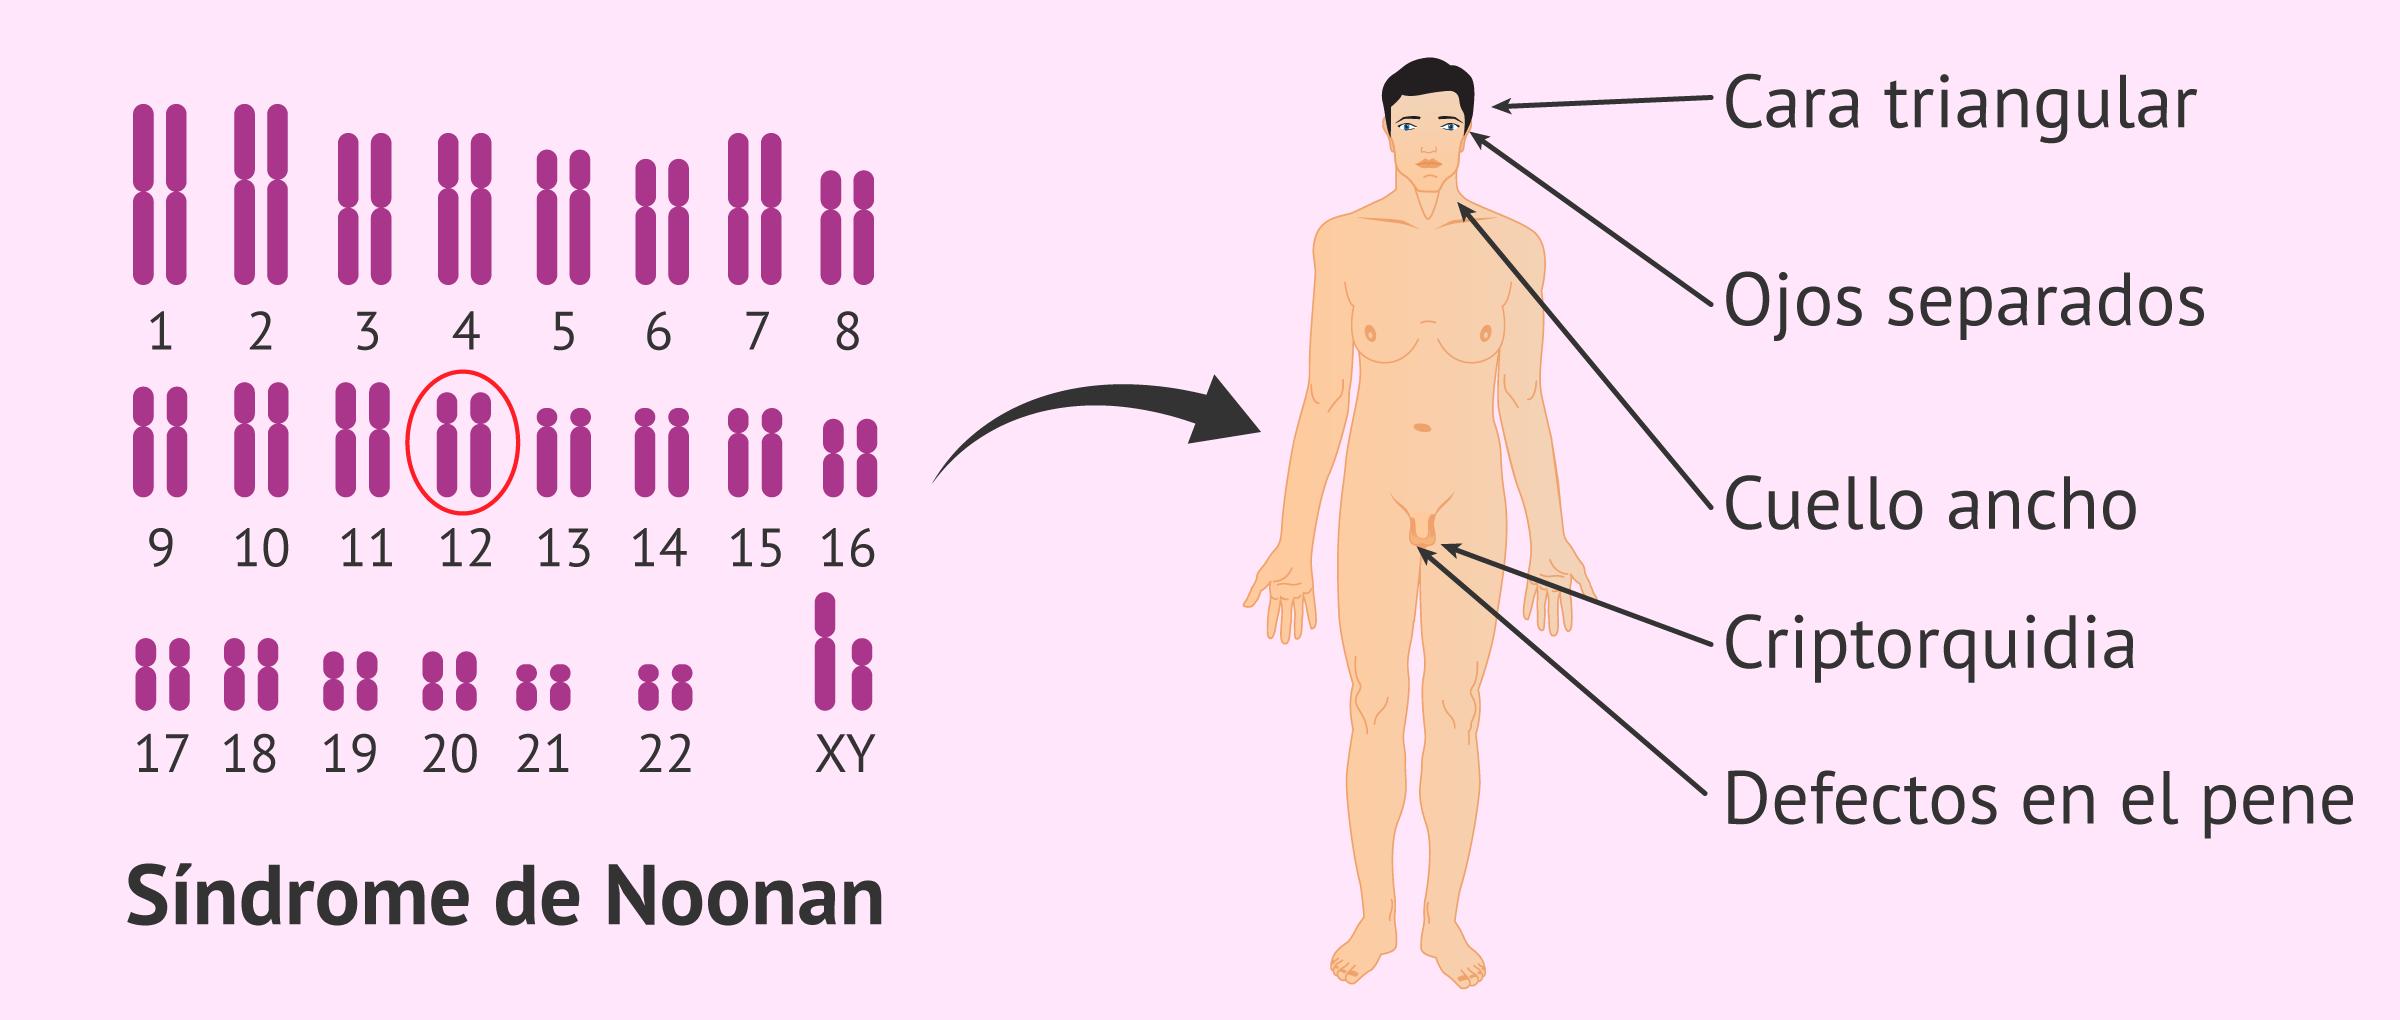 Características del Síndrome de Noonan